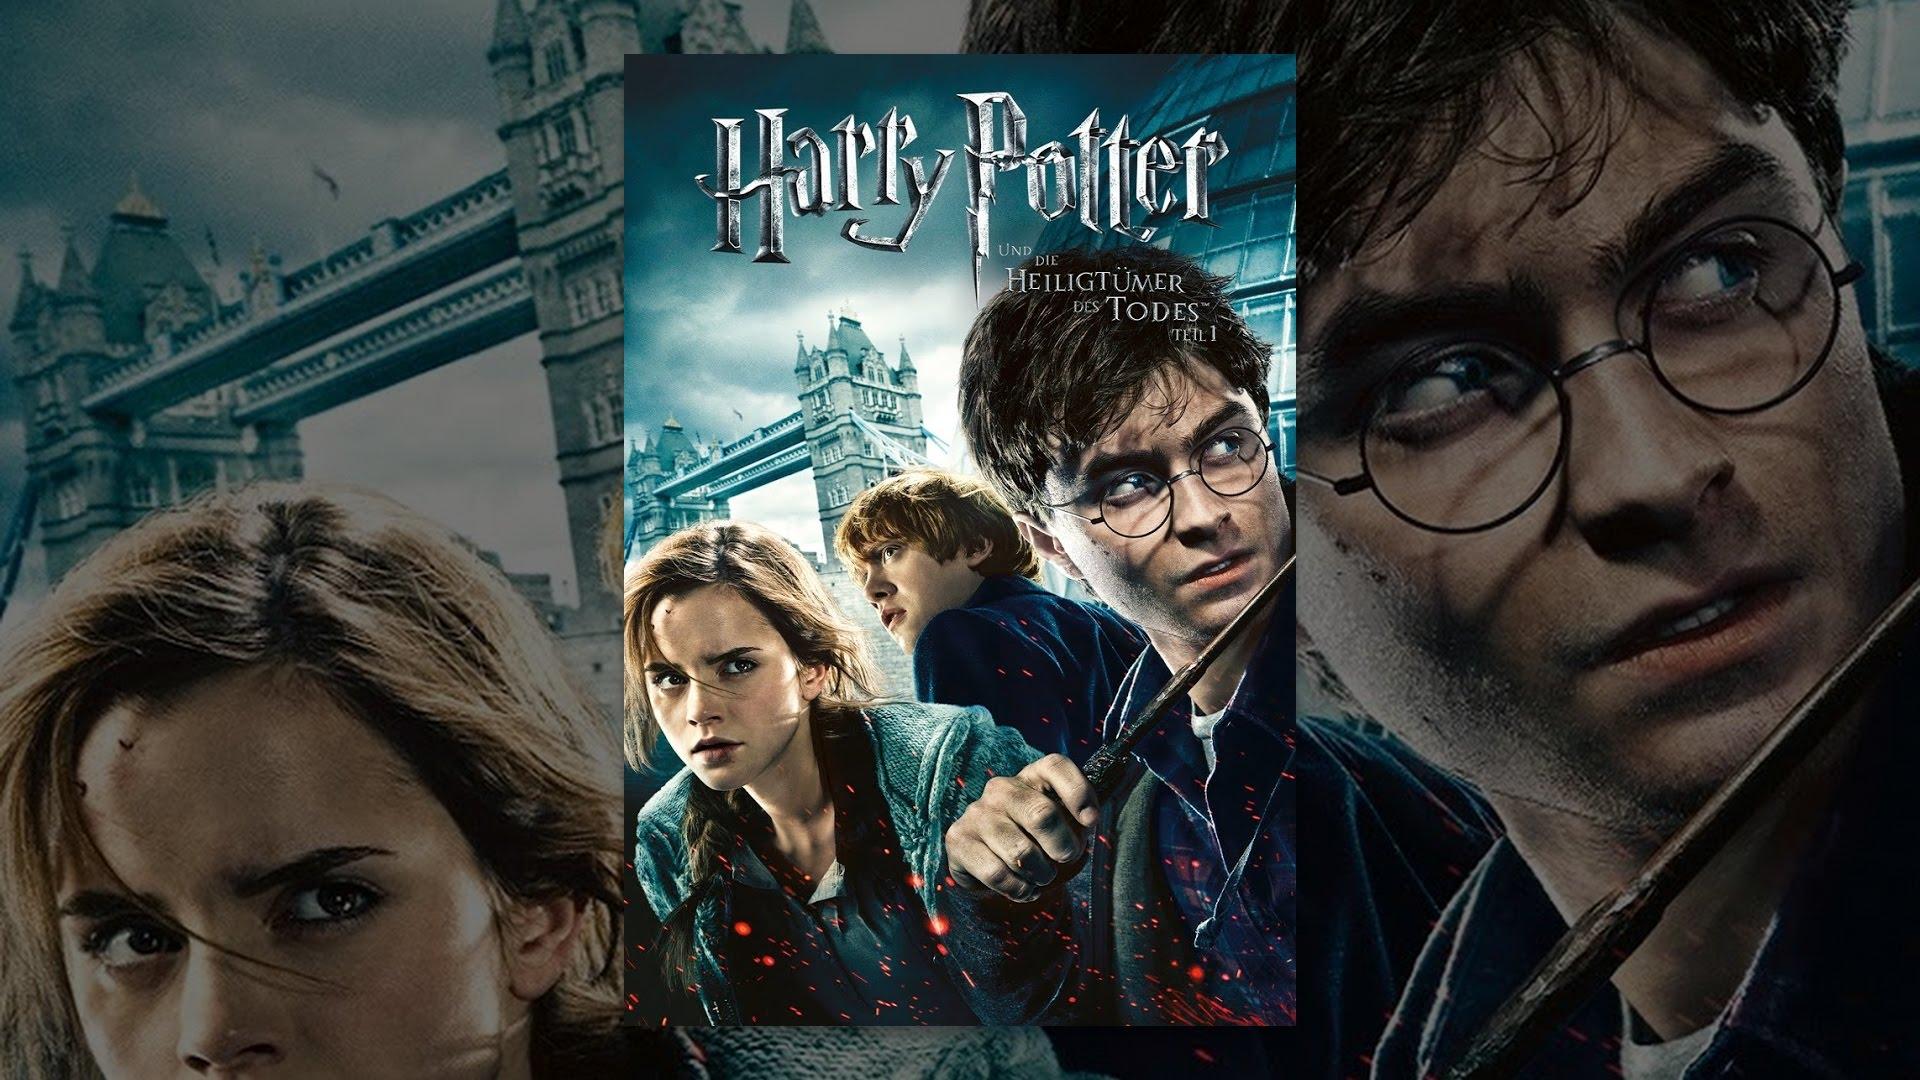 Harry Potter 7 Teil 1 Offizieller Trailer Deutsch Hd German Youtube